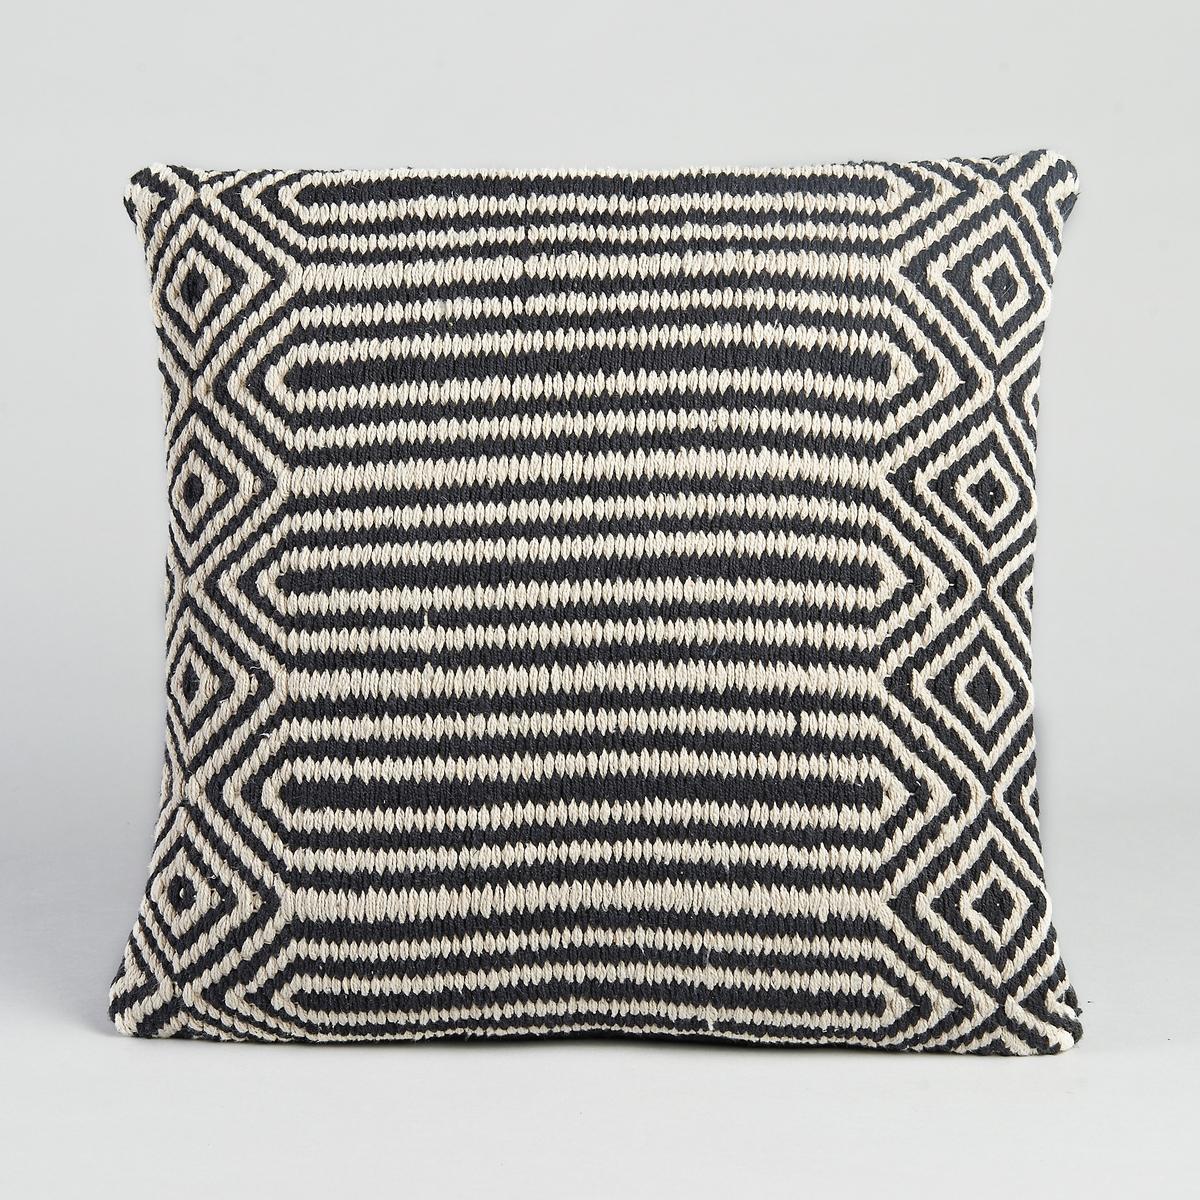 Чехол для подушки Kilim, Pa?enЧехол для подушки Pa?en. Черно-белое плетение. Верх из 100% хлопка, спинка из канвы, 100% хлопок. Застёжка на скрытую молнию сзади. Размеры. : 45 x 45 см. Подушка продается отдельно.<br><br>Цвет: черный/ белый